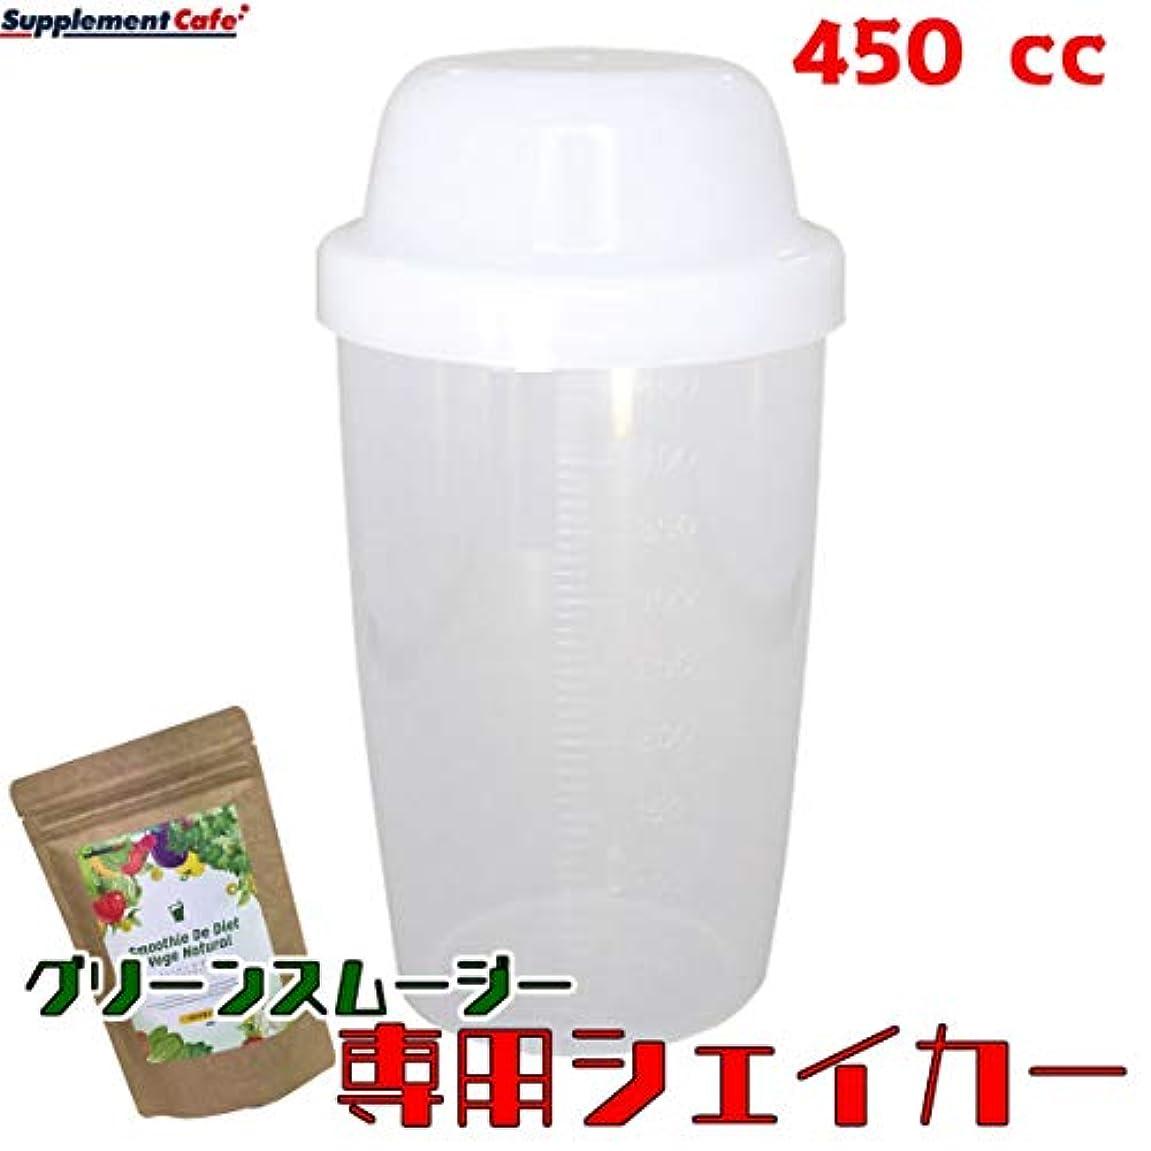 餌カブ原油【スムージー用シェイカー 450cc】スムージーデダイエットベジナチュラル